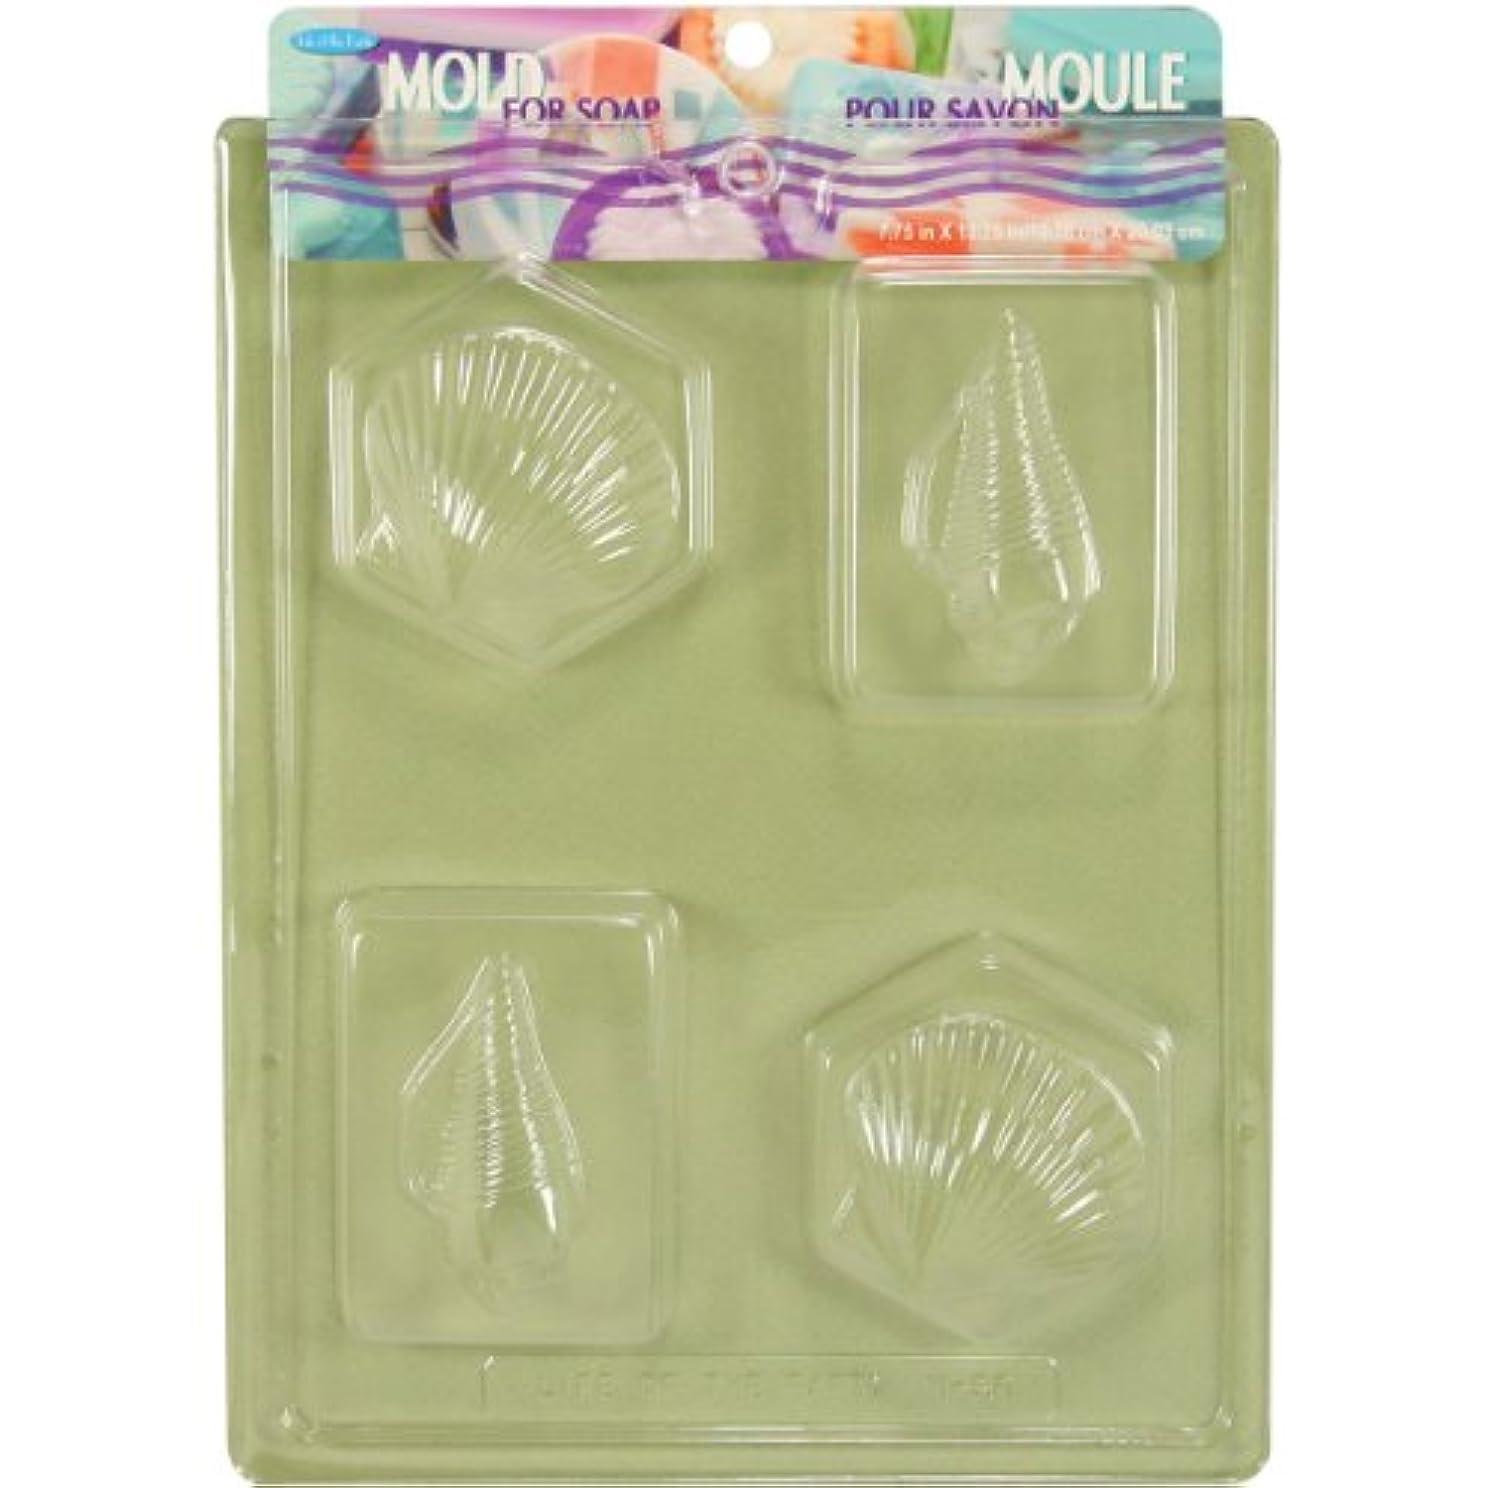 Soap 型シェル バー